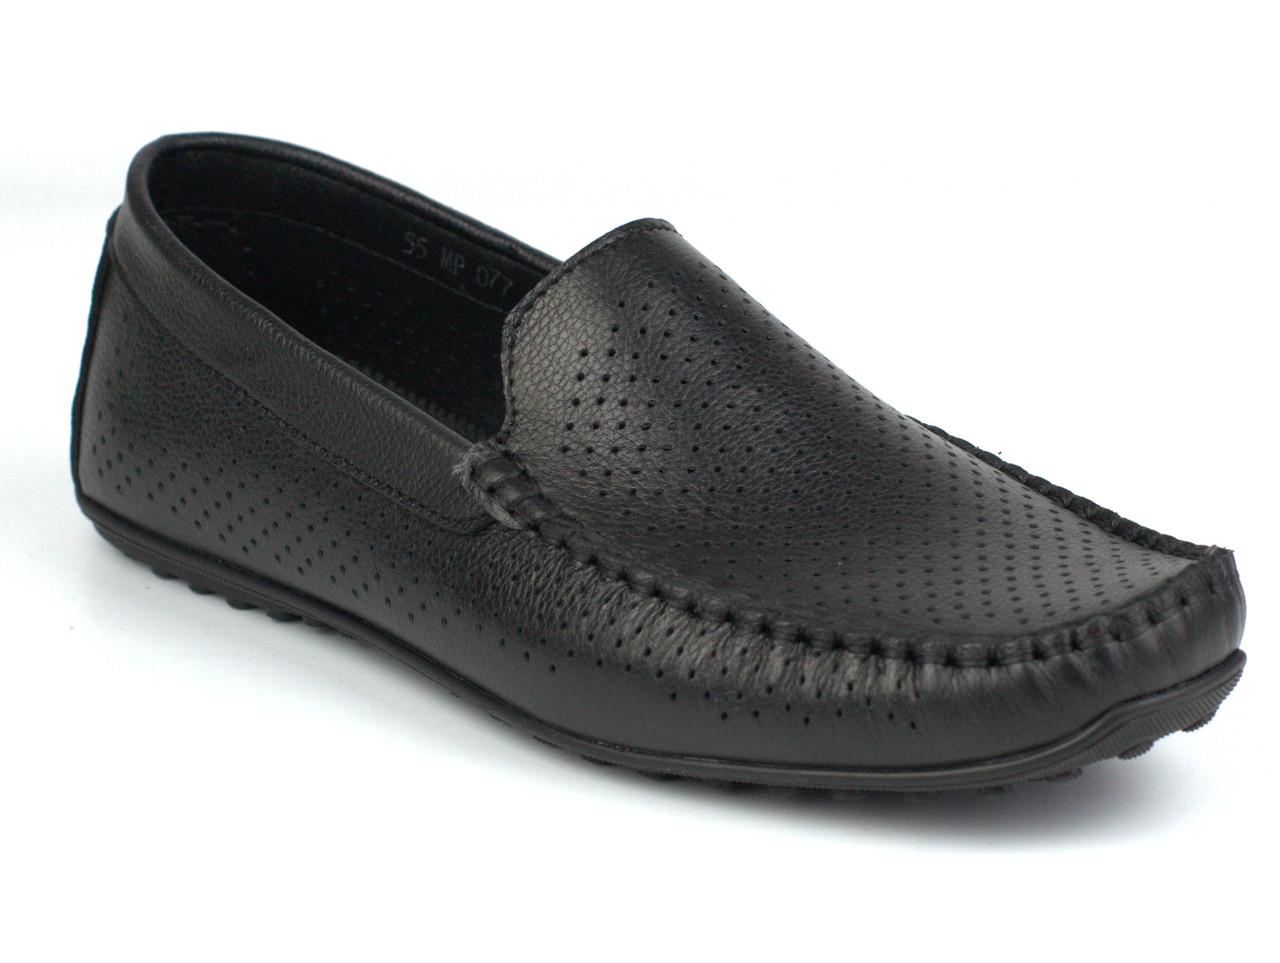 Rosso Avangard M4 Black Flotar Perf мягкие черные мокасины кожаные летняя мужская обувь в перфорацию сетка